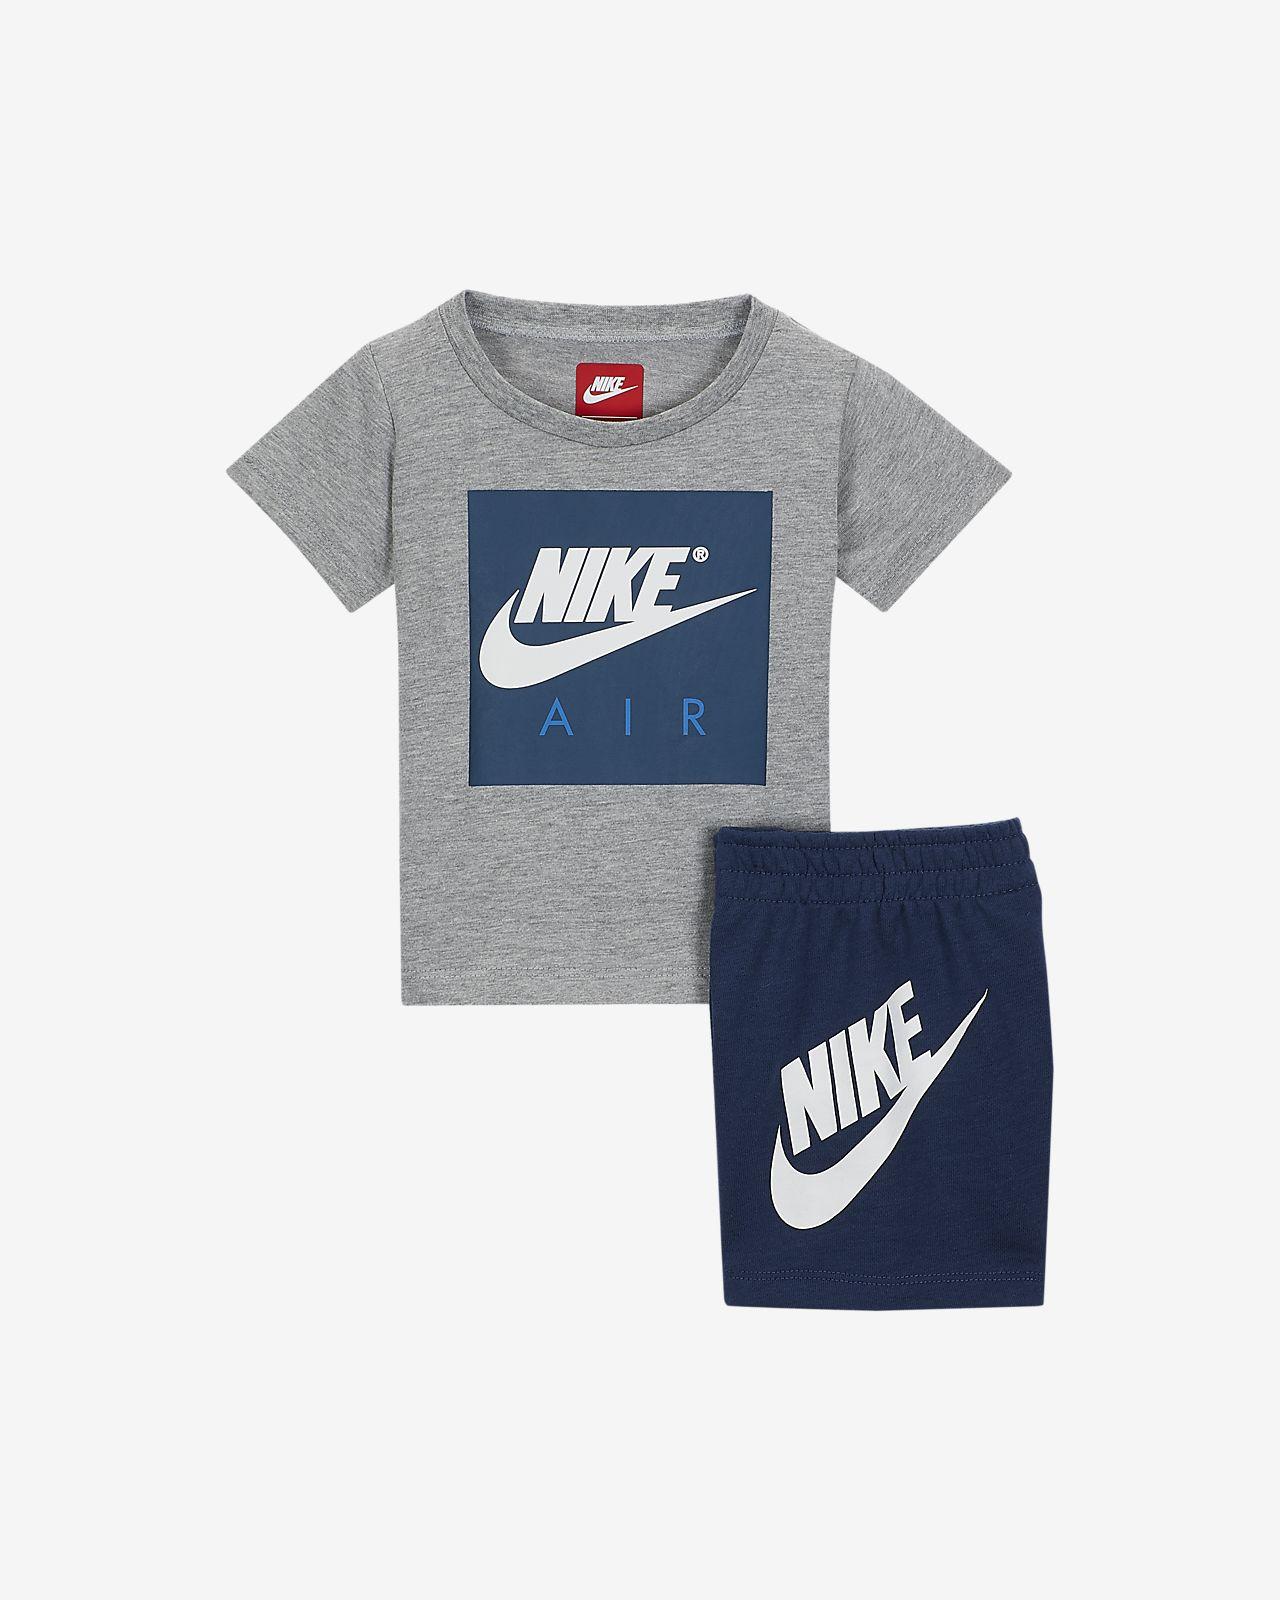 Σετ 2 τεμαχίων Nike Air για βρέφη (12-24M)